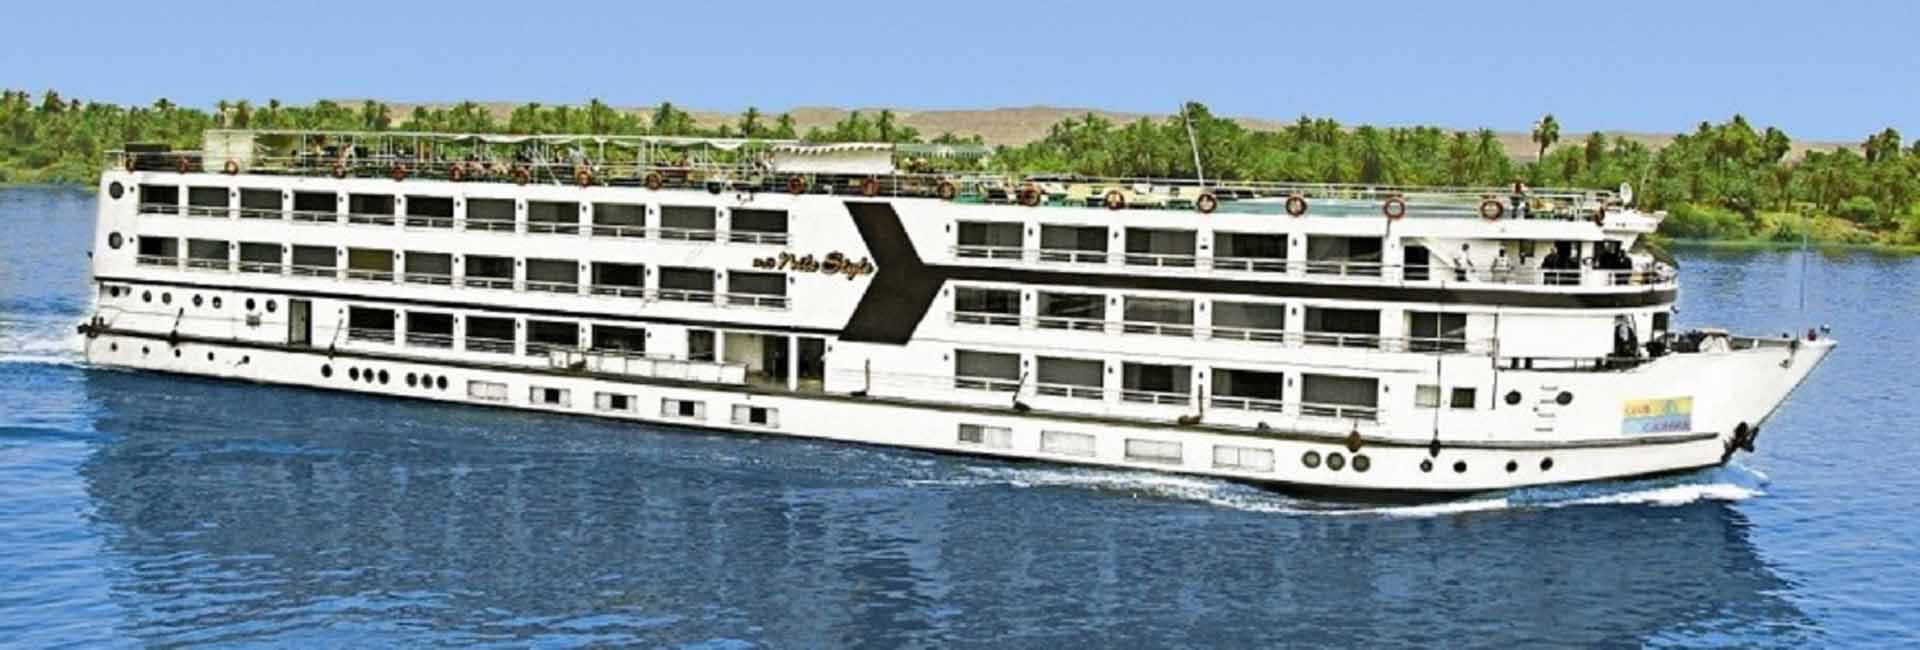 Nile Style Nile Cruise